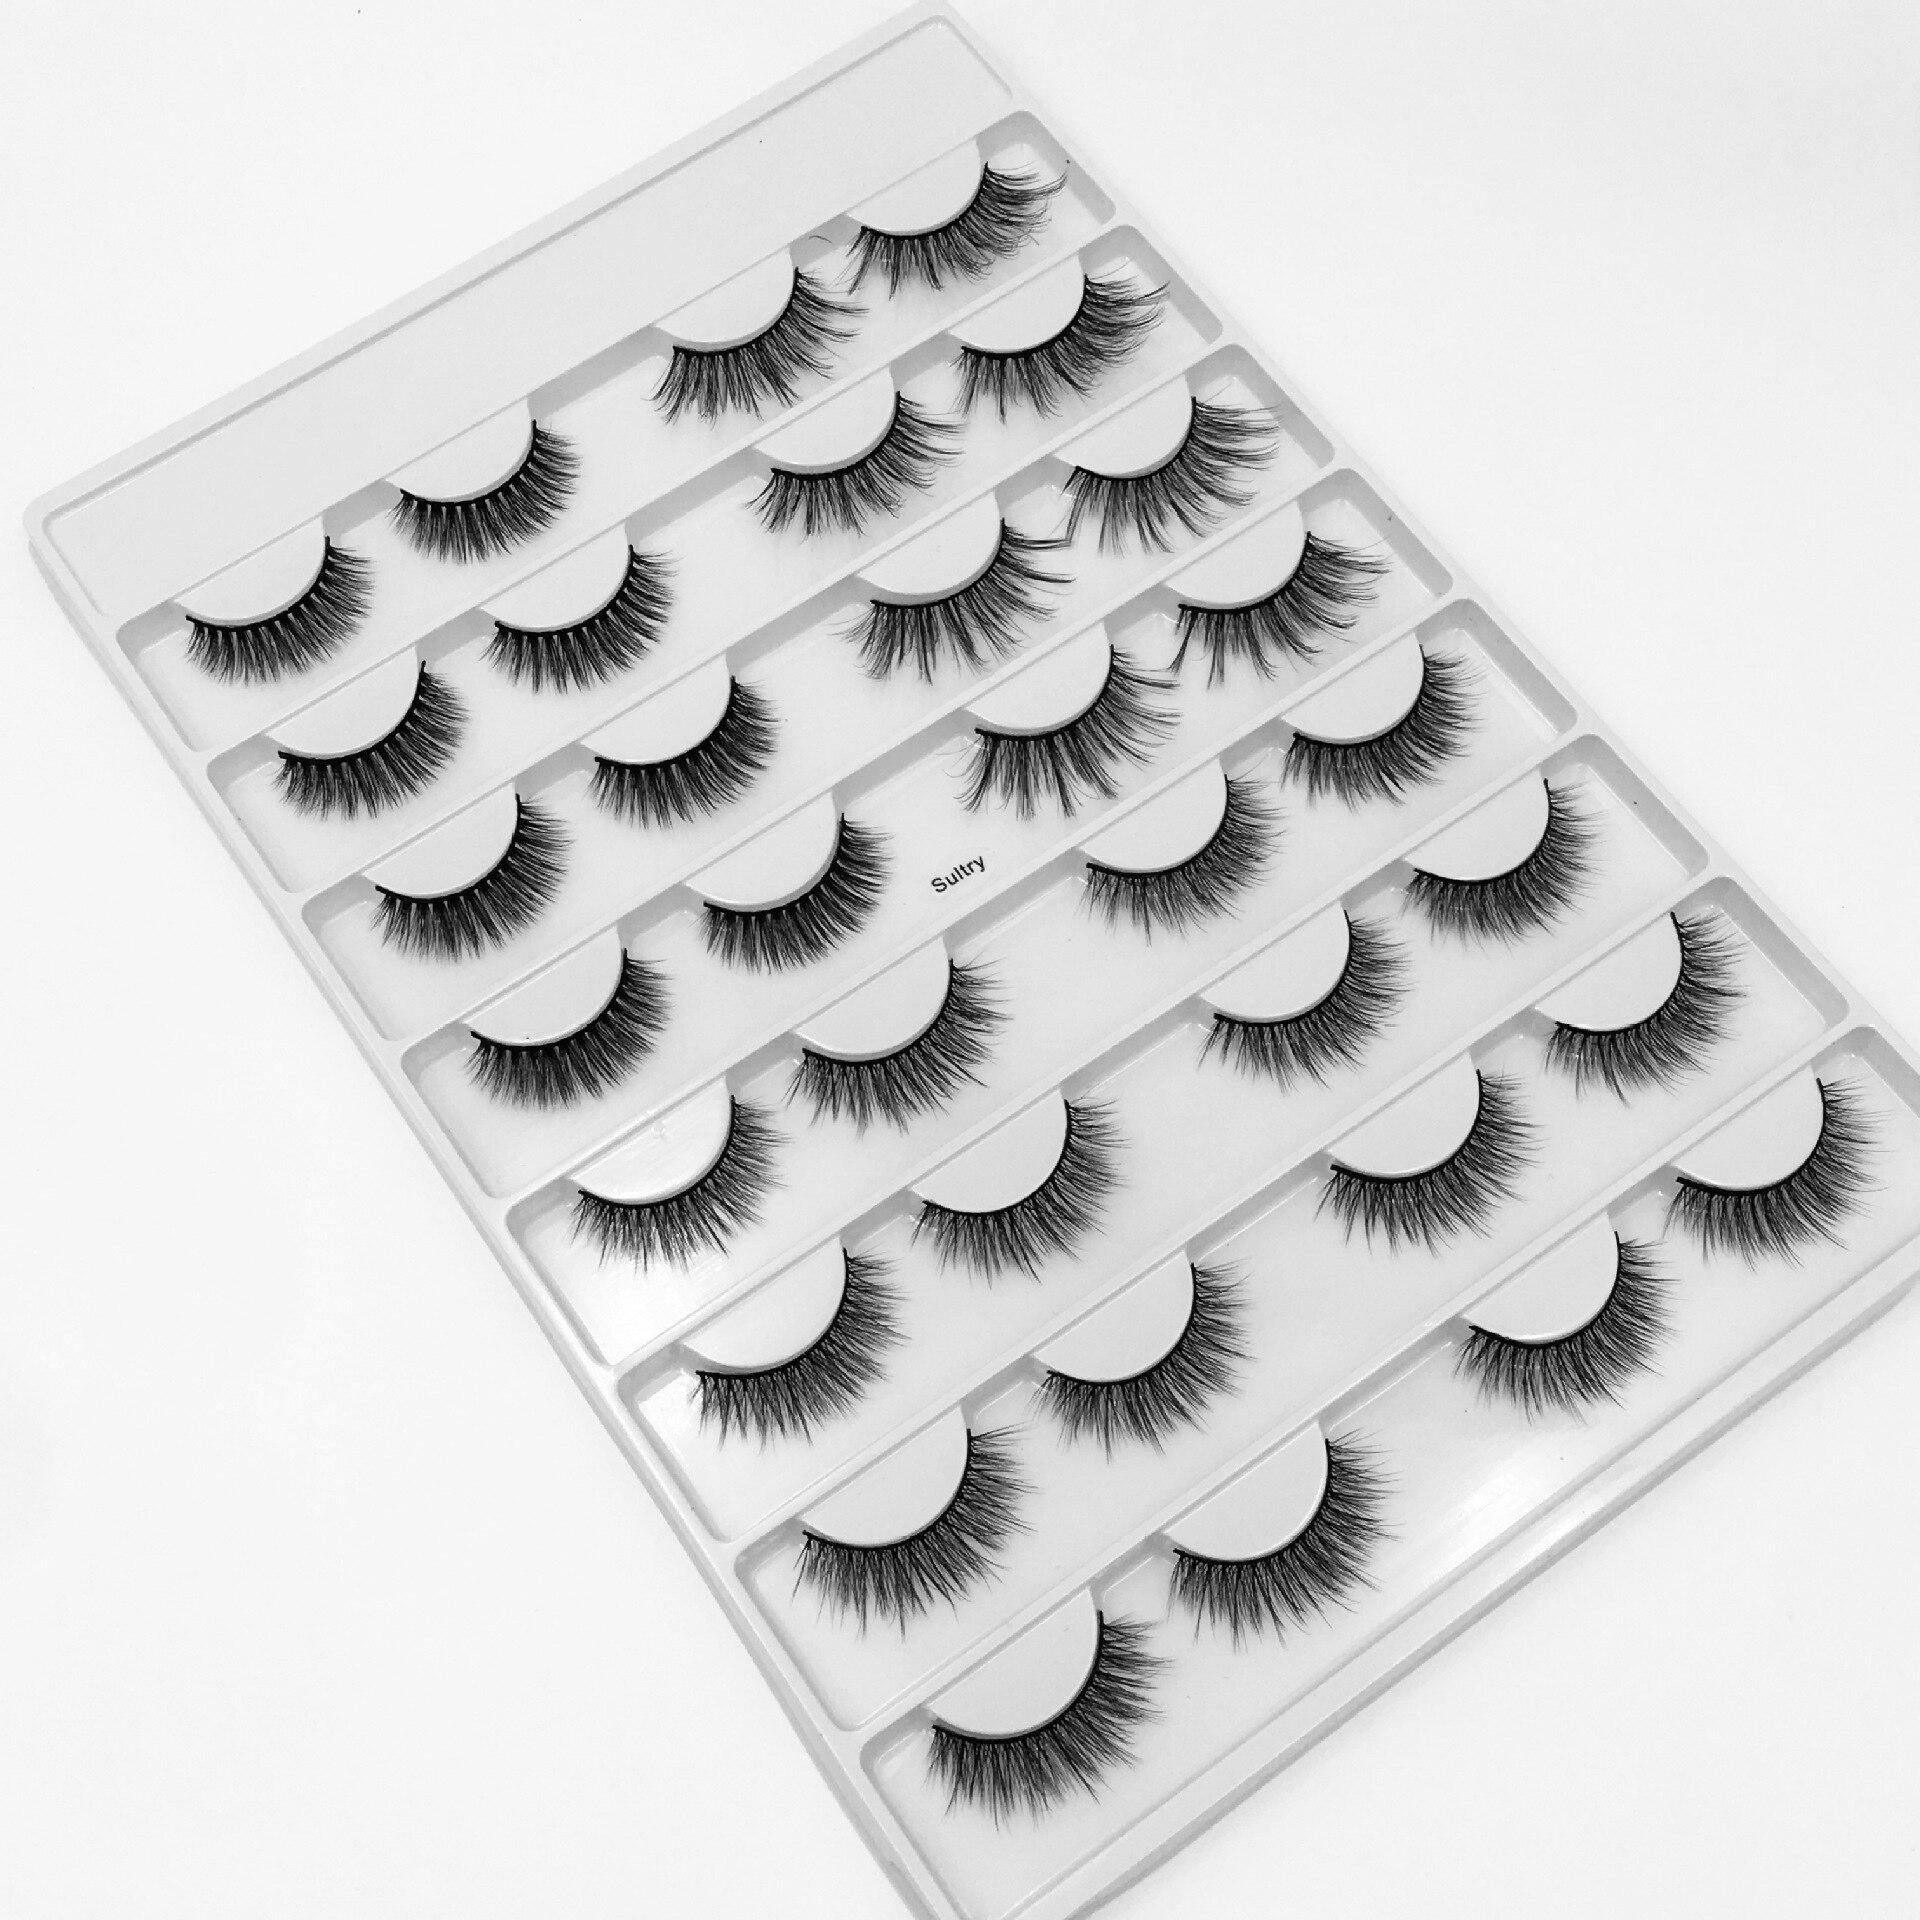 Handmade reusable mink false eyelashes 16 pairs set natural long thick fake lashes mink fur hair 50sets/lot DHL Free